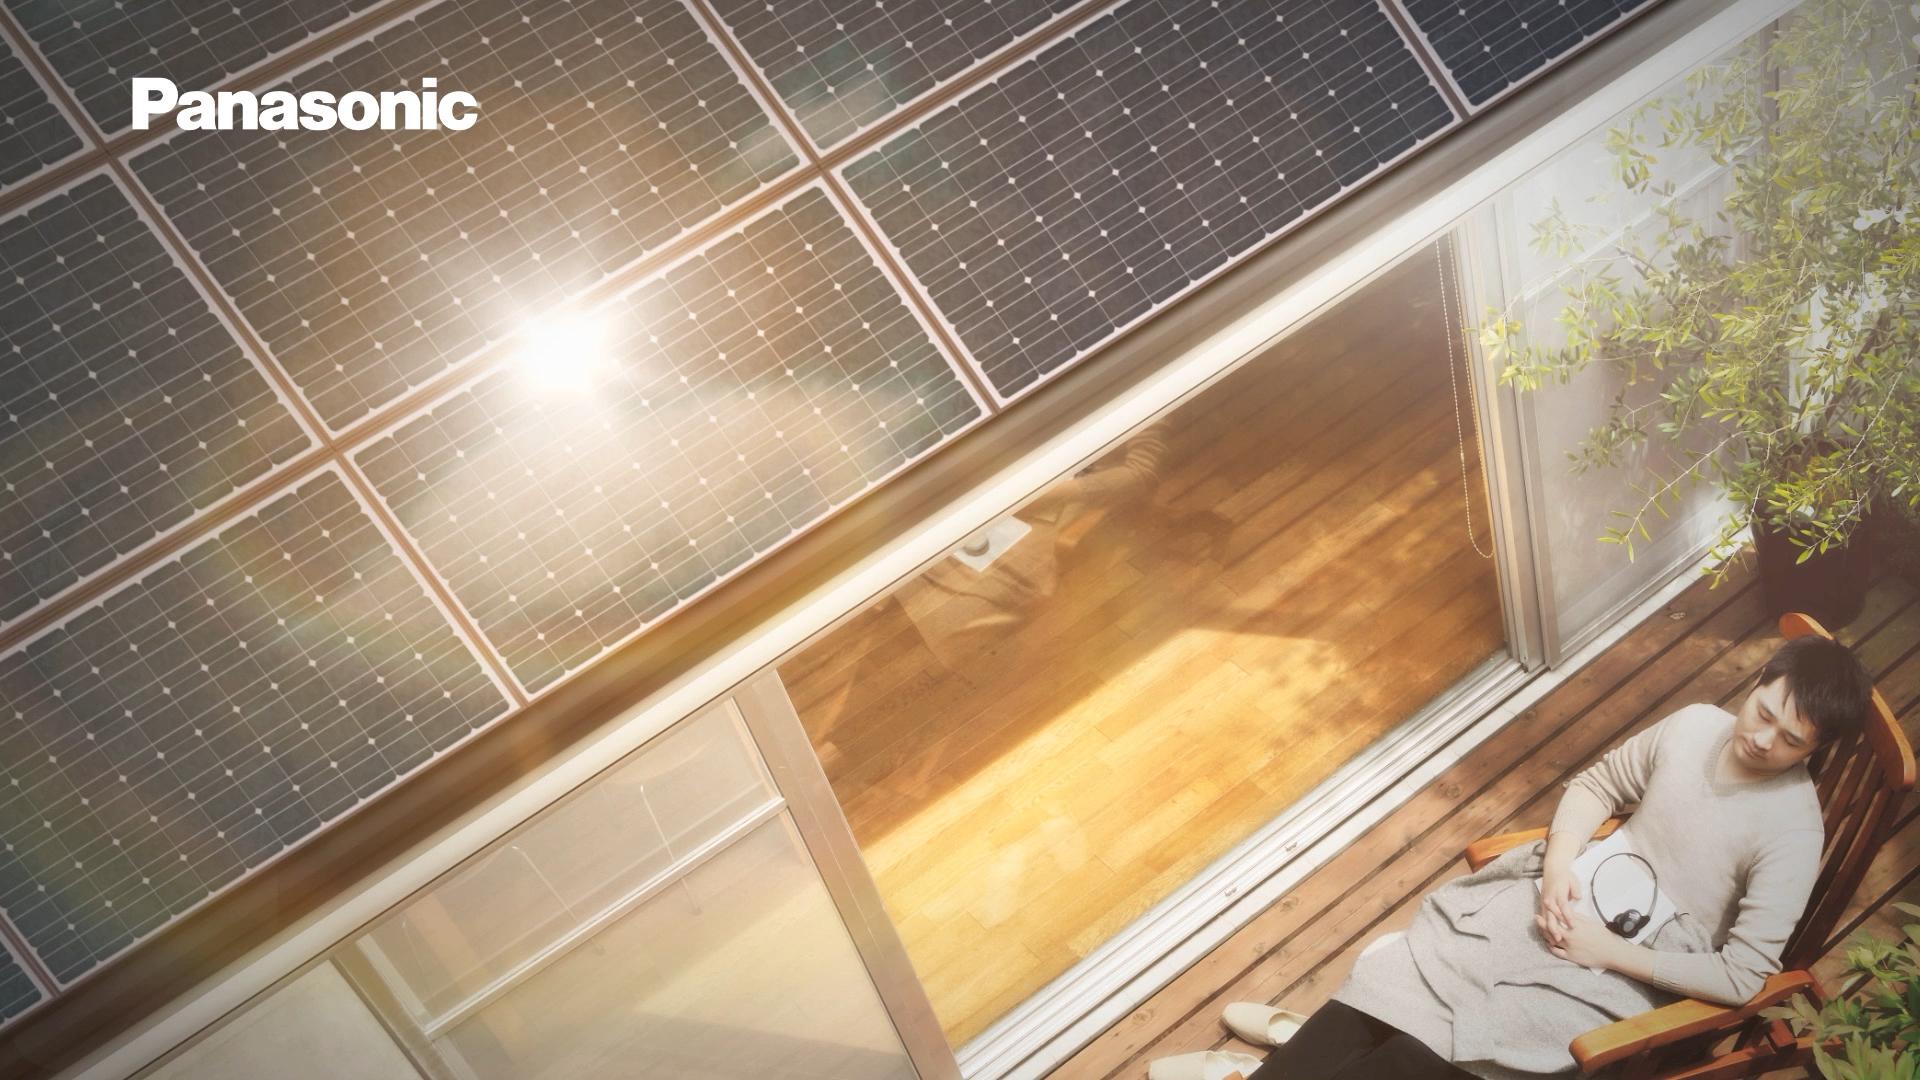 Panasonic 太陽光発電システムHIT 「ソーラーカー」篇